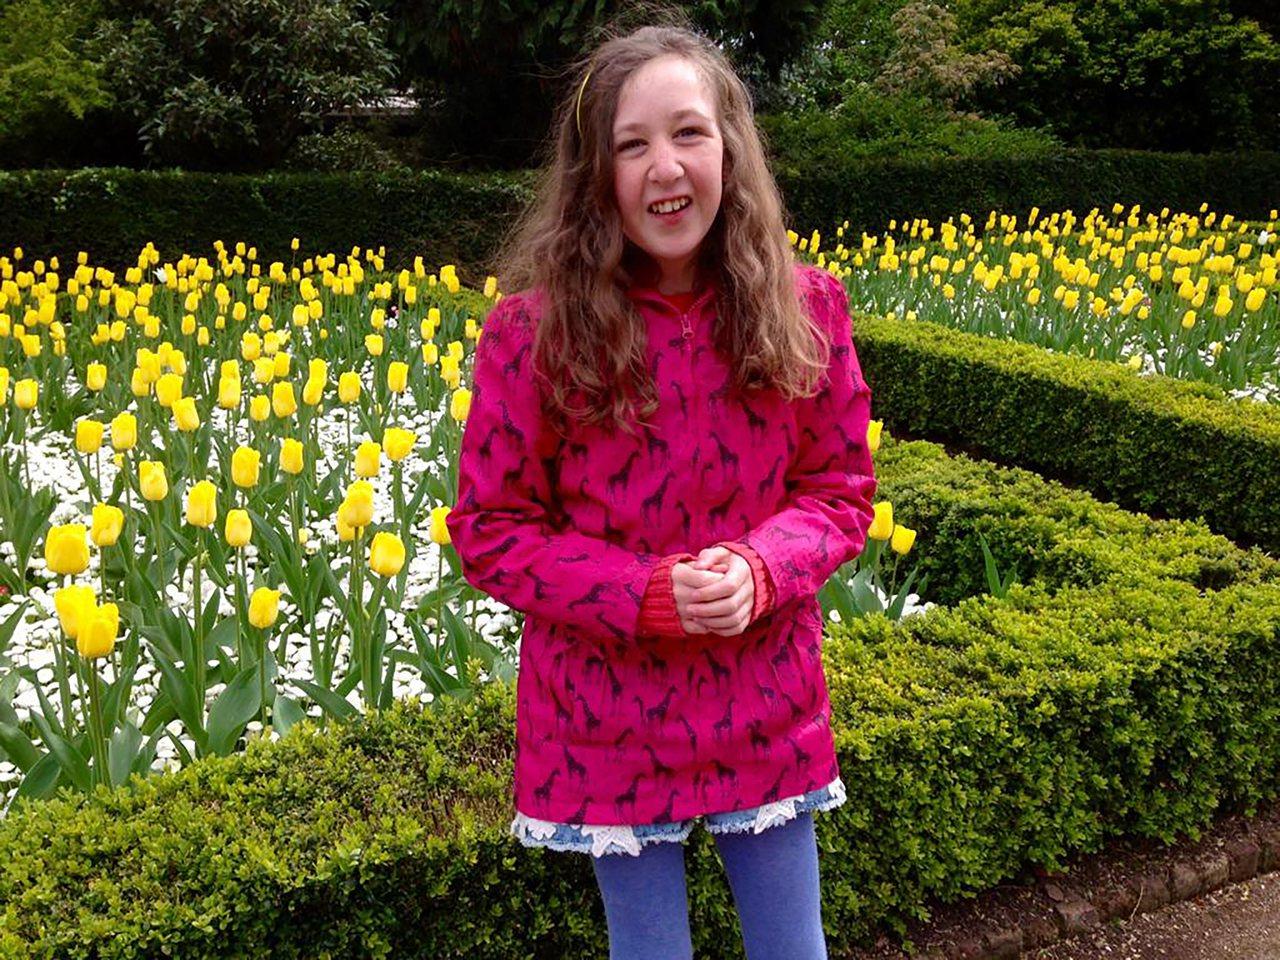 與家人前往馬來西亞度假,卻裸體陳屍臨近森林溪流旁的愛爾蘭15歲女學生諾拉艾妮蔻爾...